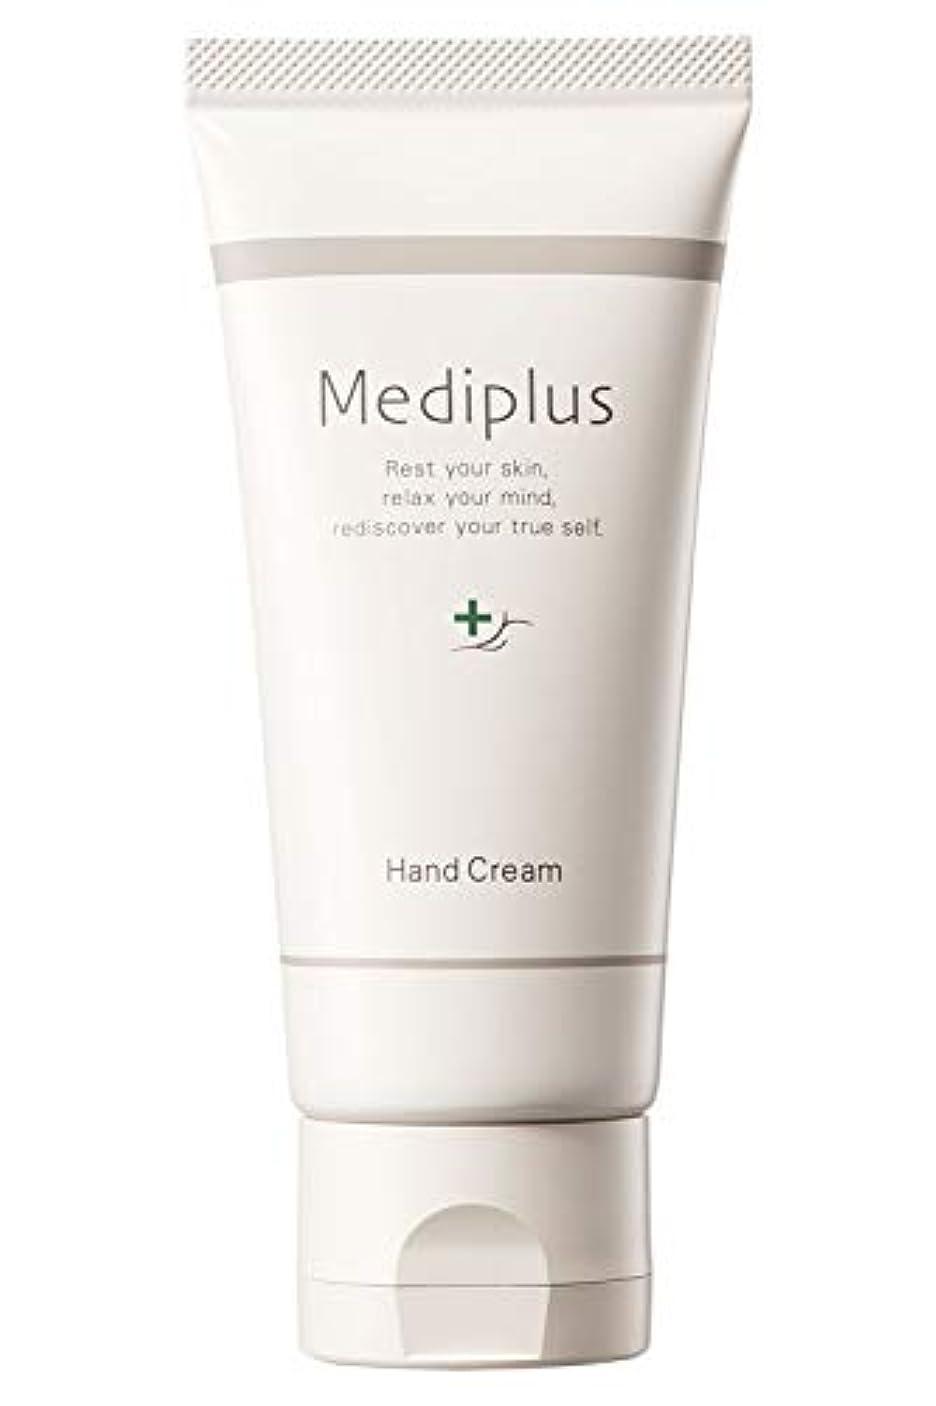 第九シアー汚染mediplus メディプラス ハンドクリーム 55g(約3ヵ月分)